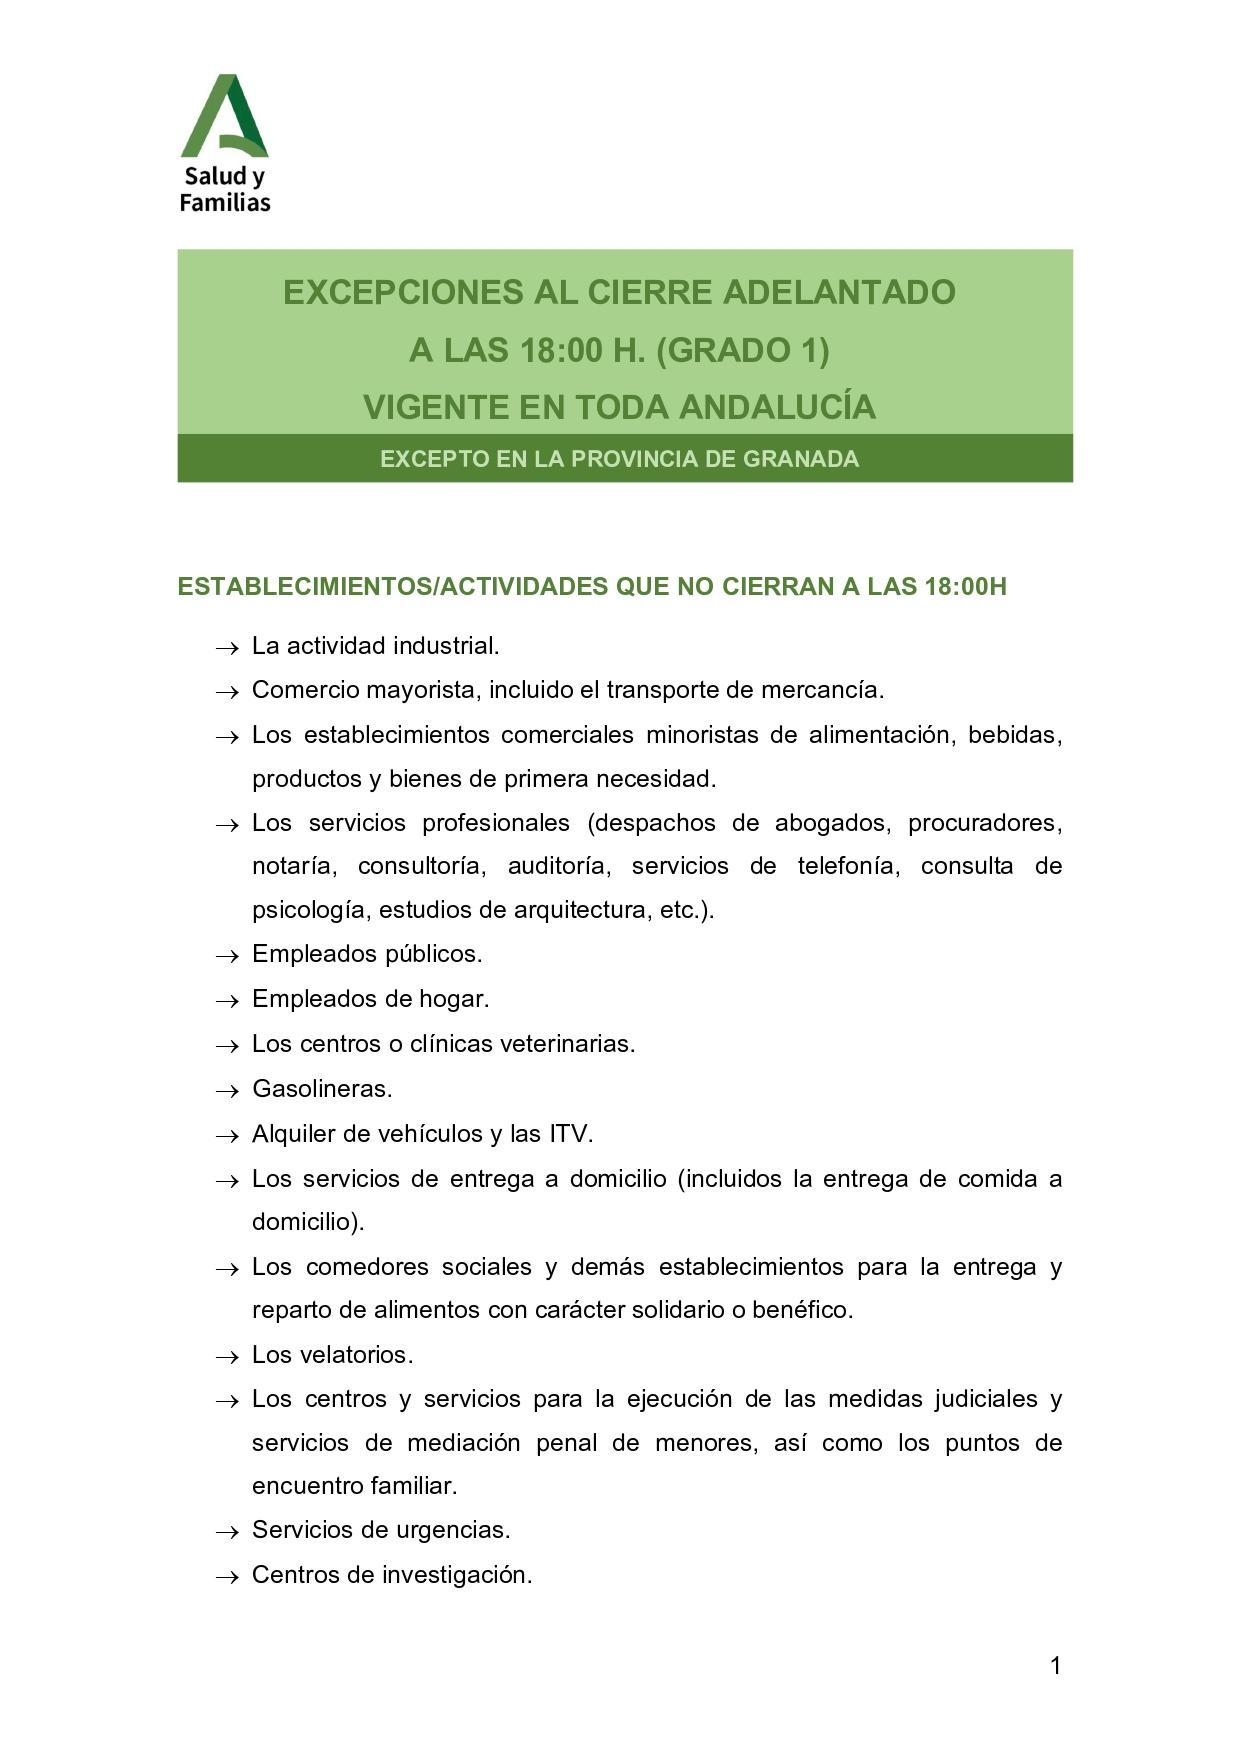 GUÍA DE ACLARACIONES Y PREGUNTAS SOBRE LAS NUEVAS MEDIDAS DE PREVENCIÓN DE COVID-19 EN ANDALUCÍA DESDE EL 10 DE NOVIEMBRE DE 2020  1